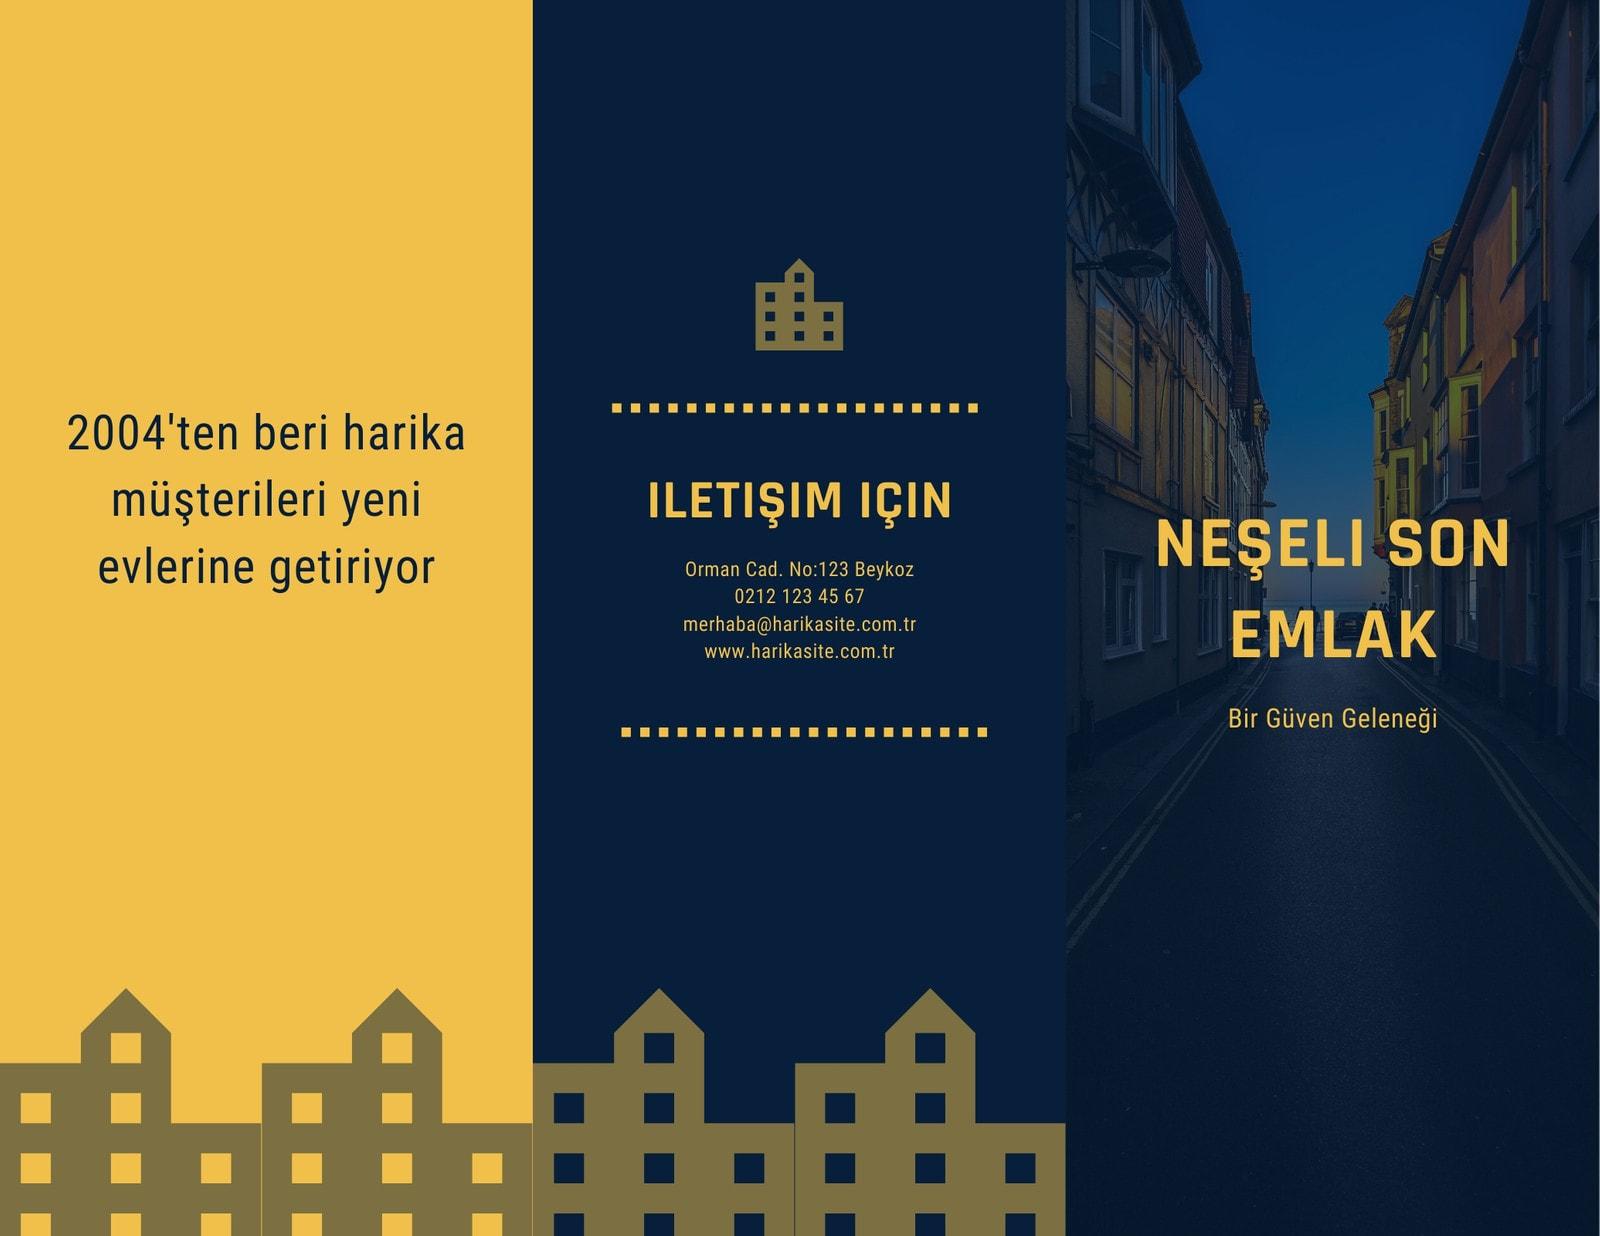 Koyu Mavi ve Sarı Evler Emlak Üç Katlı Broşür